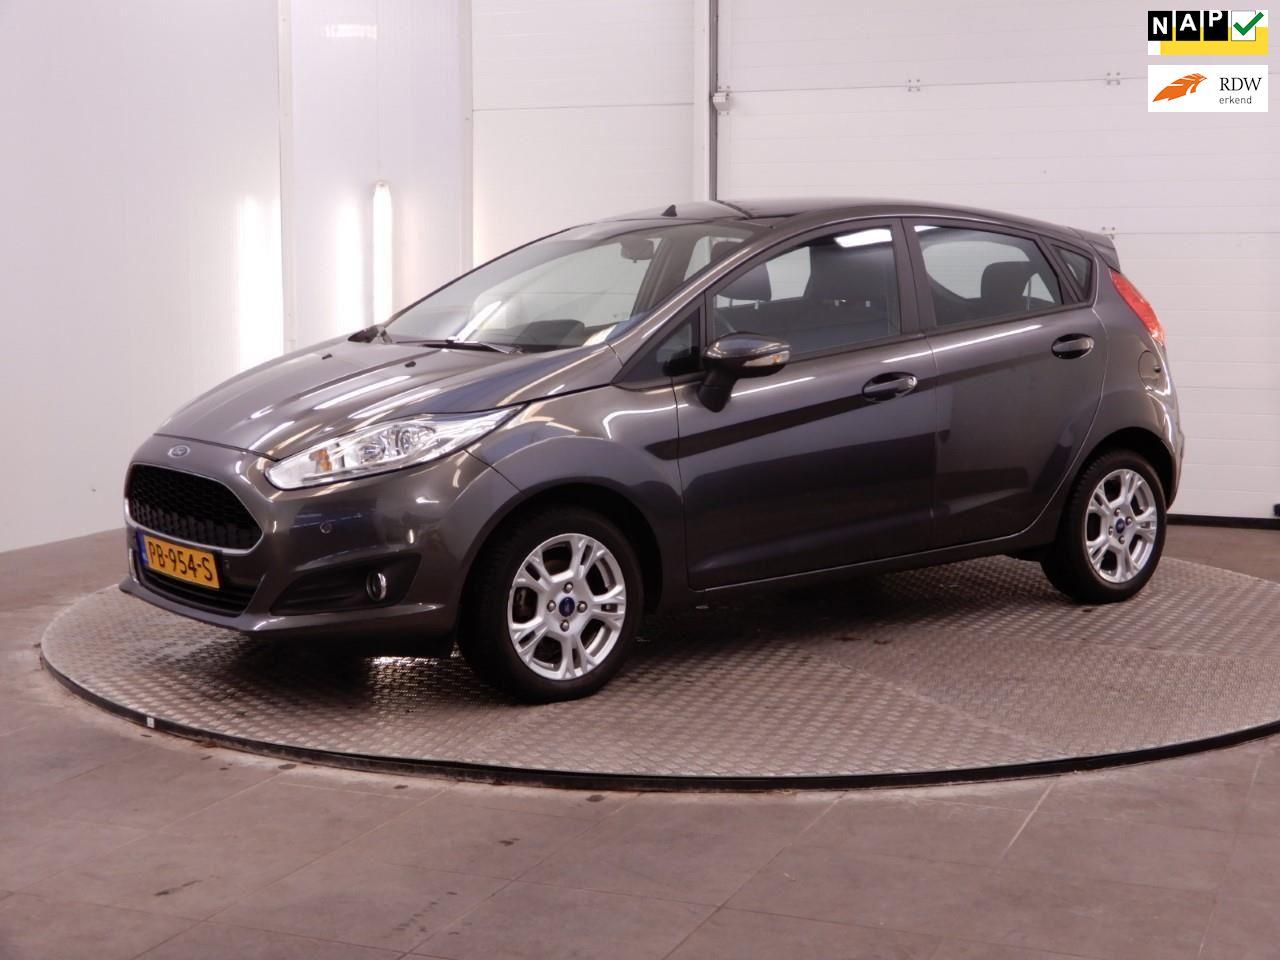 Ford Fiesta occasion - Laman Auto's